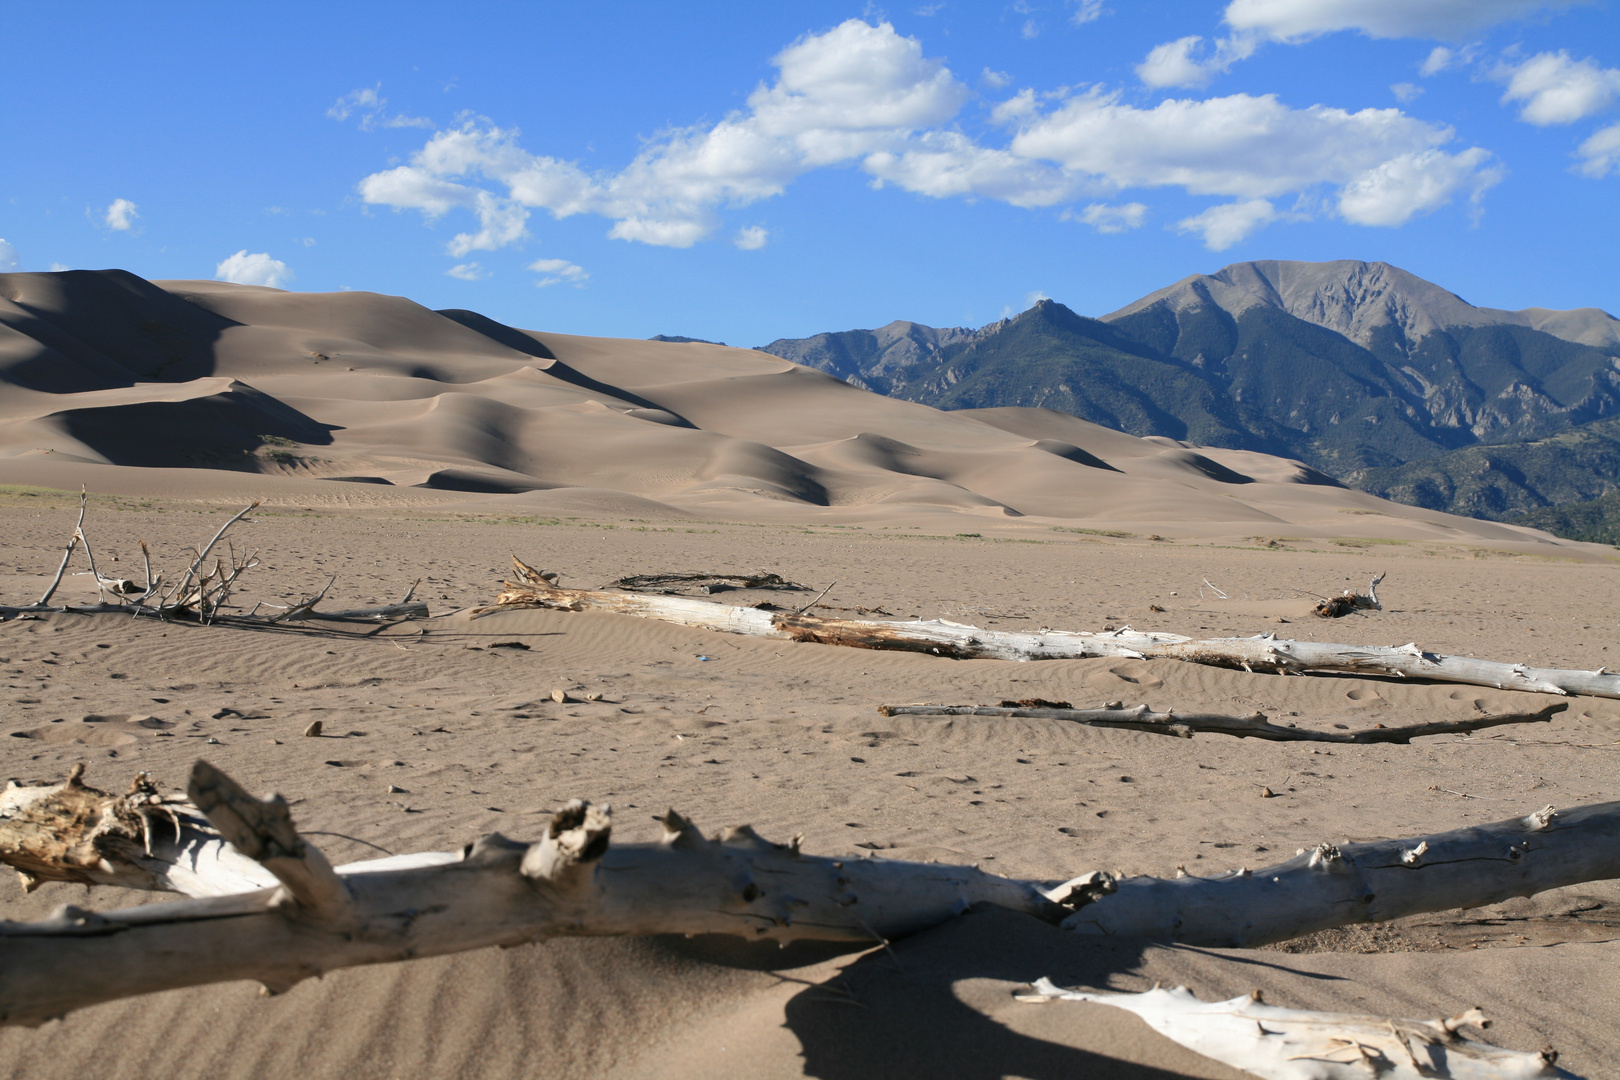 Dunes de sables au pied des montagnes Sangre de Cristo, Great Sand Dunes National Park, Colorado